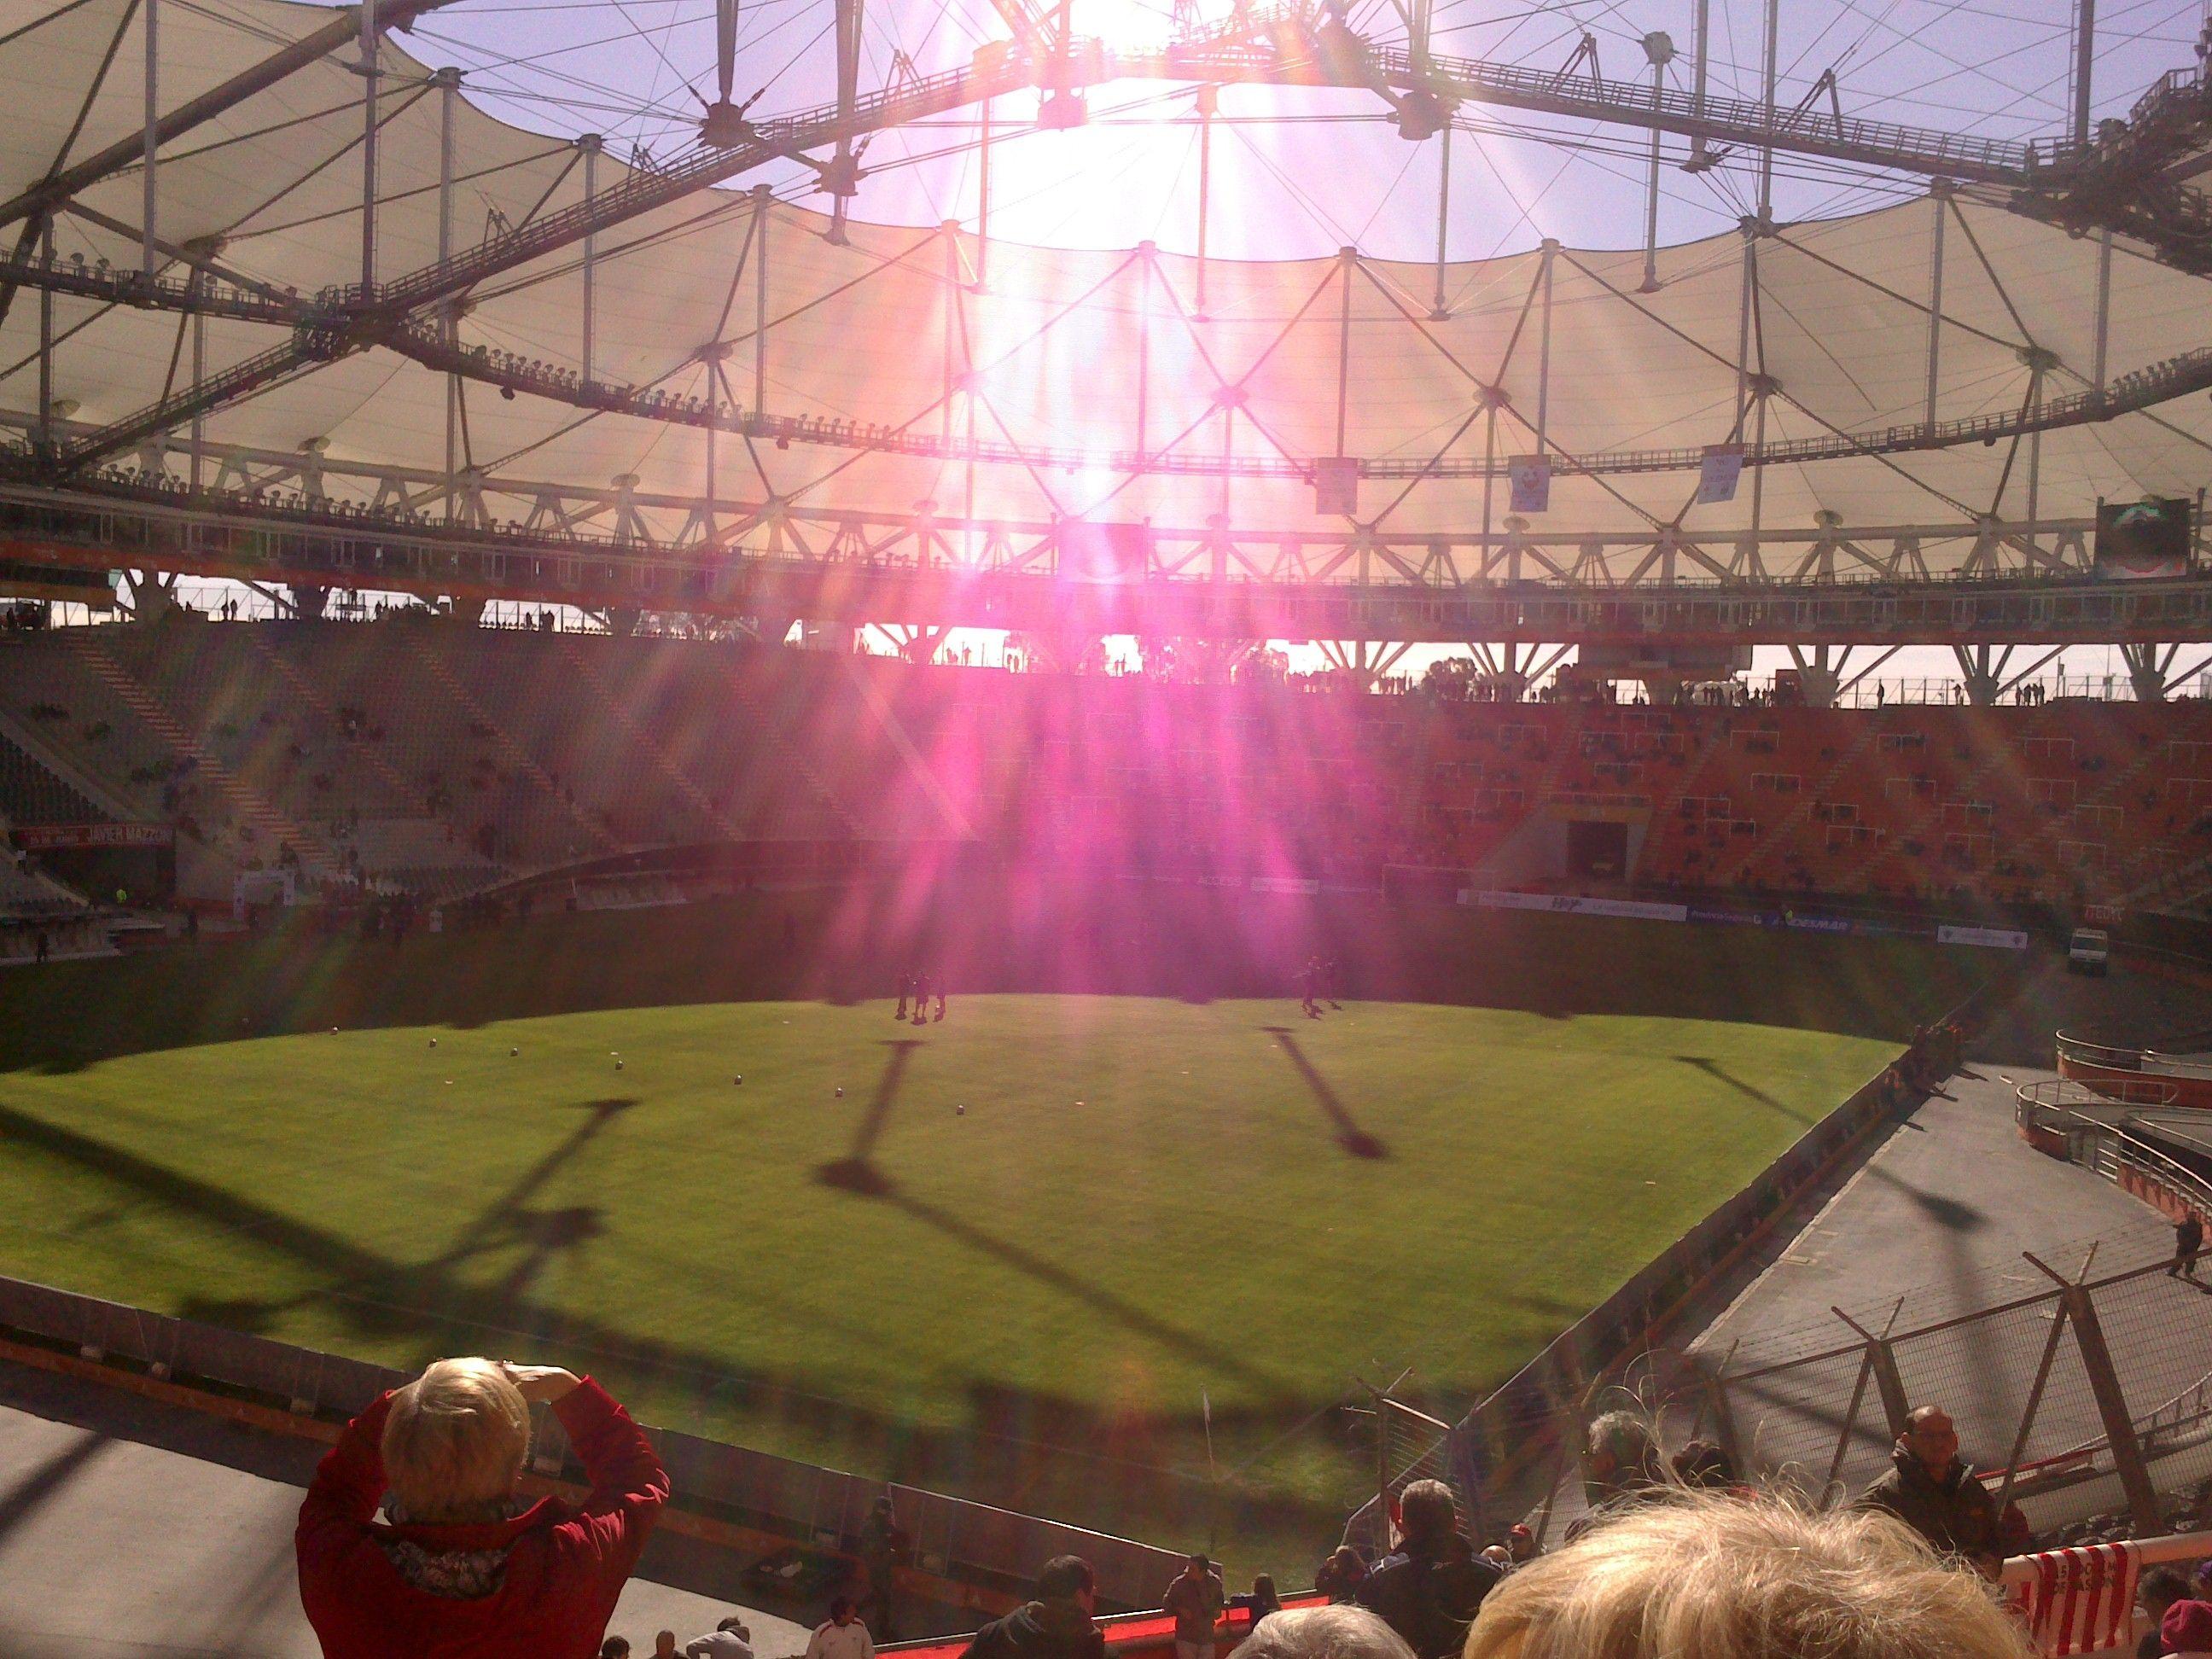 Estadio Unico-La Plata-Argentina-RAYOS DE SOL EN LA CANCHA